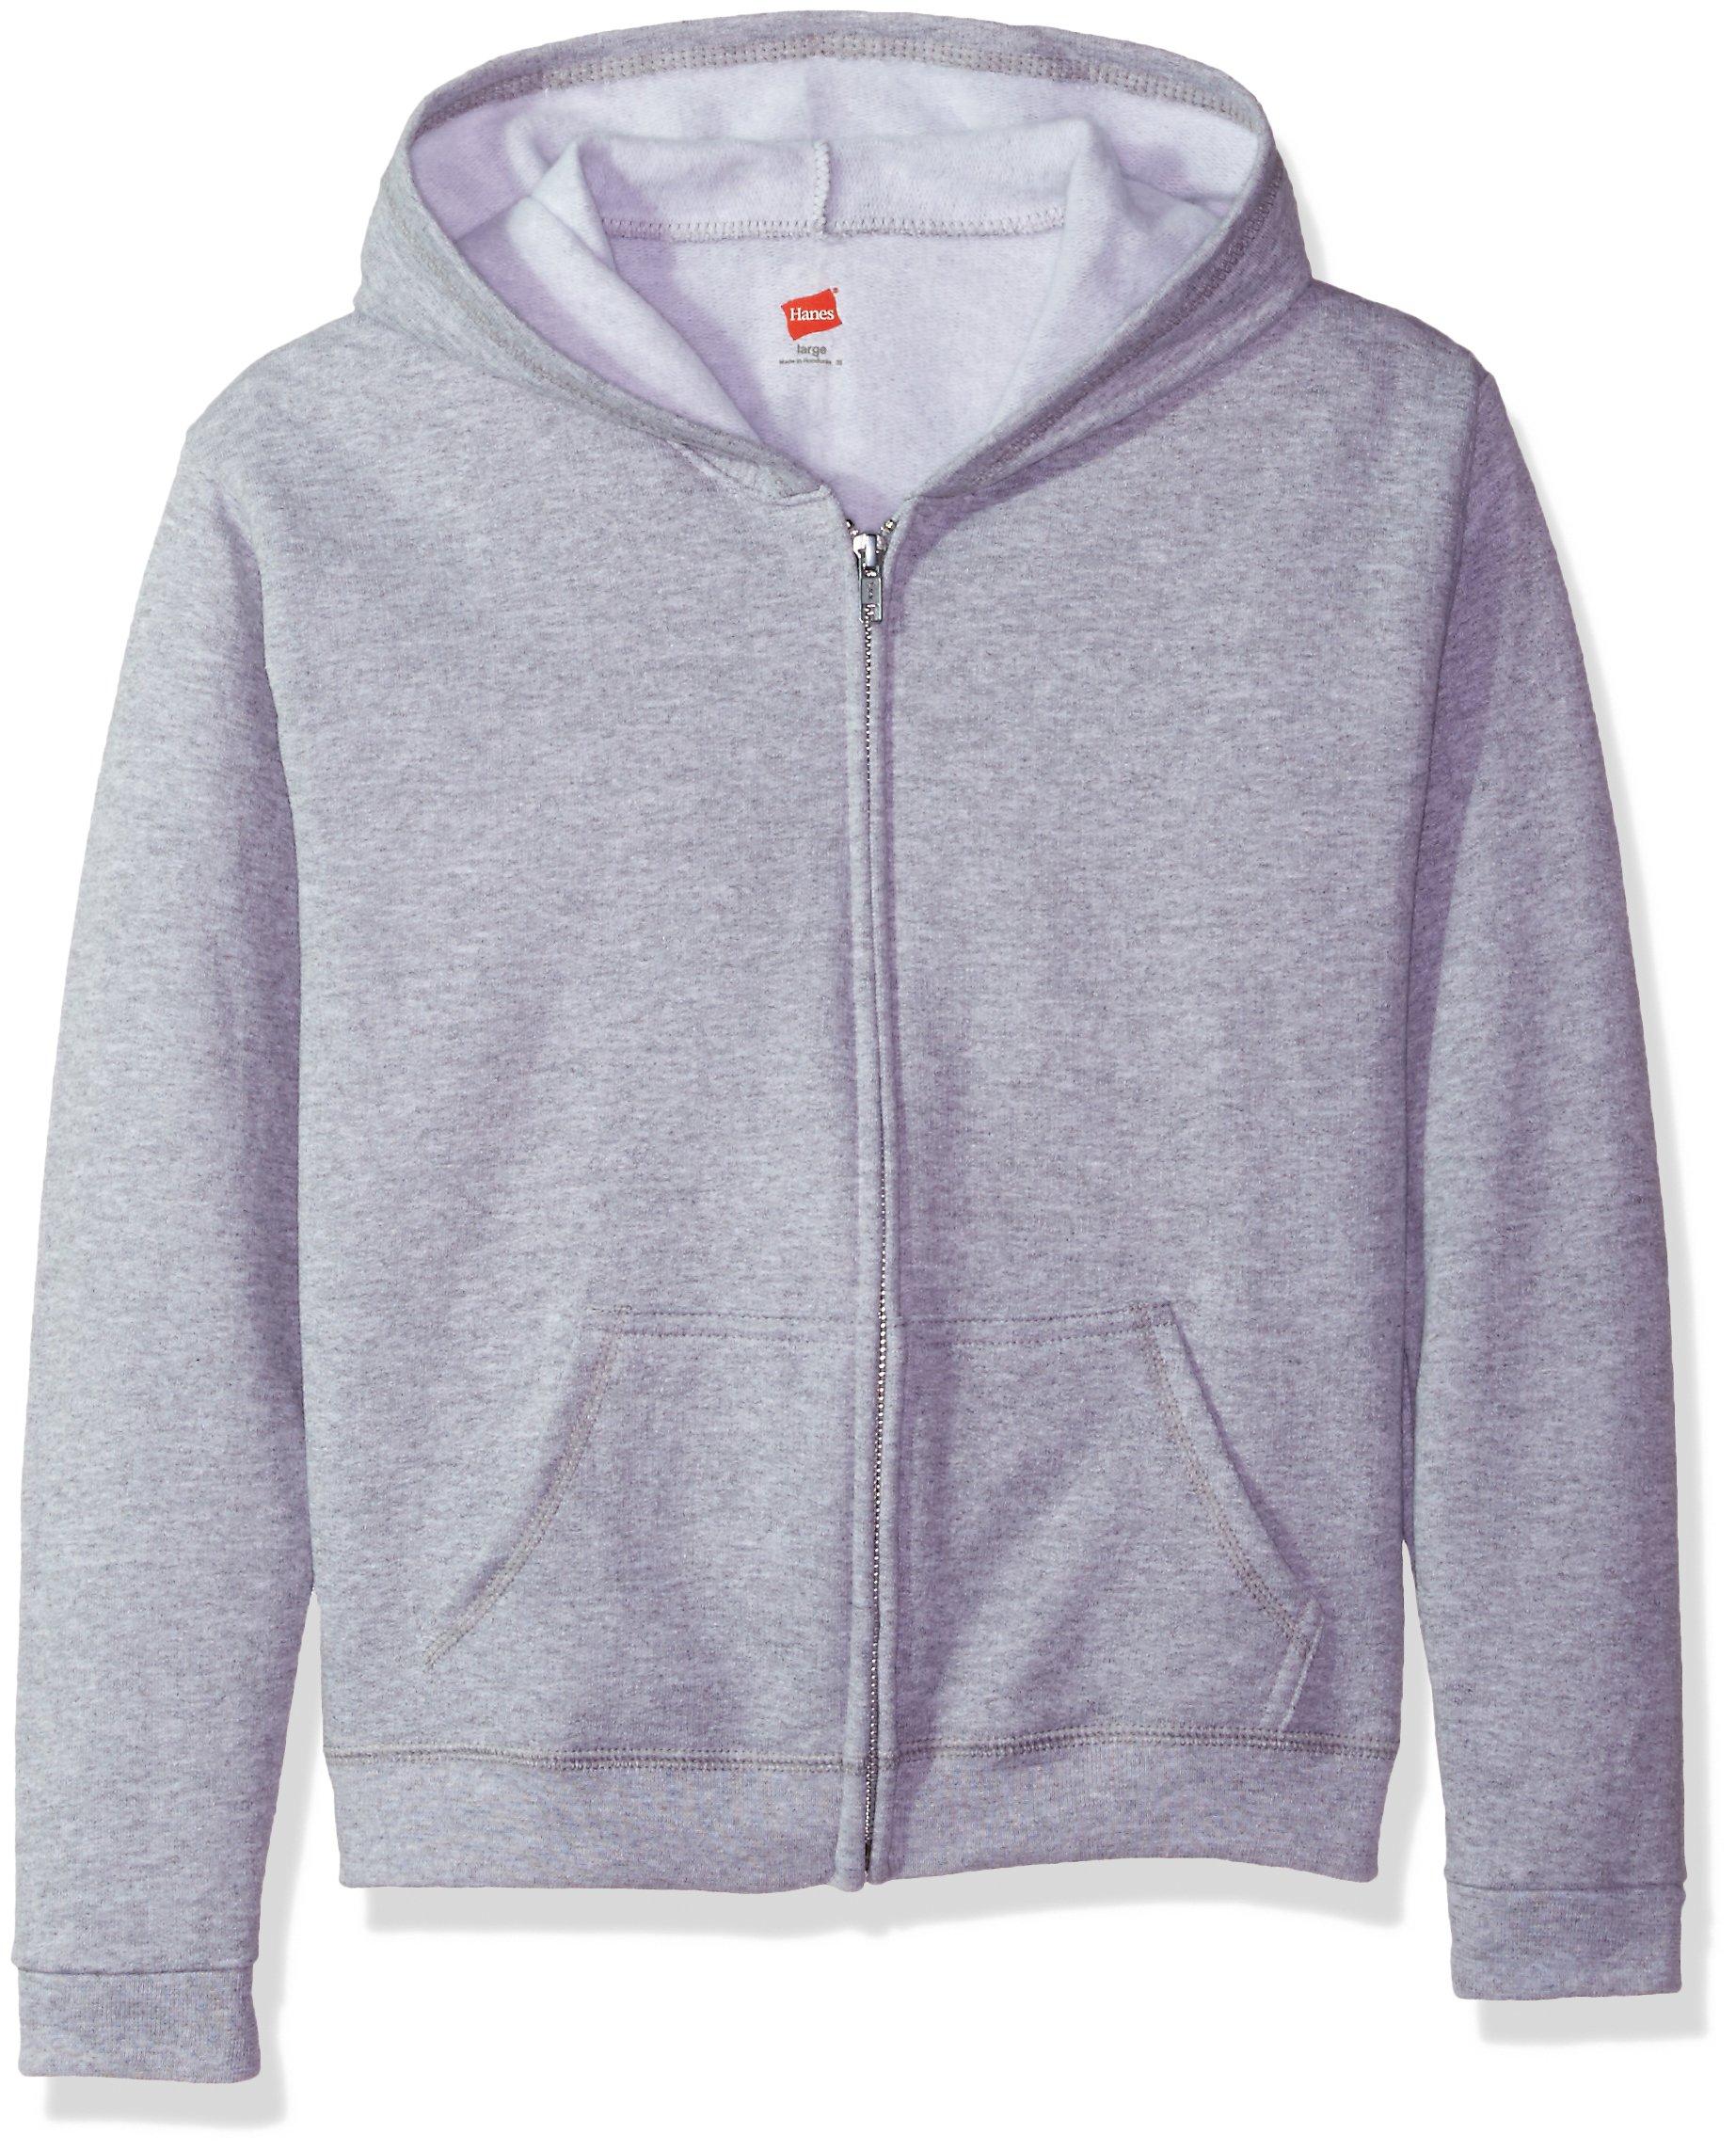 Hanes Big Girls' ComfortSoft EcoSmart Full-Zip Hoodie, Light Steel, Medium